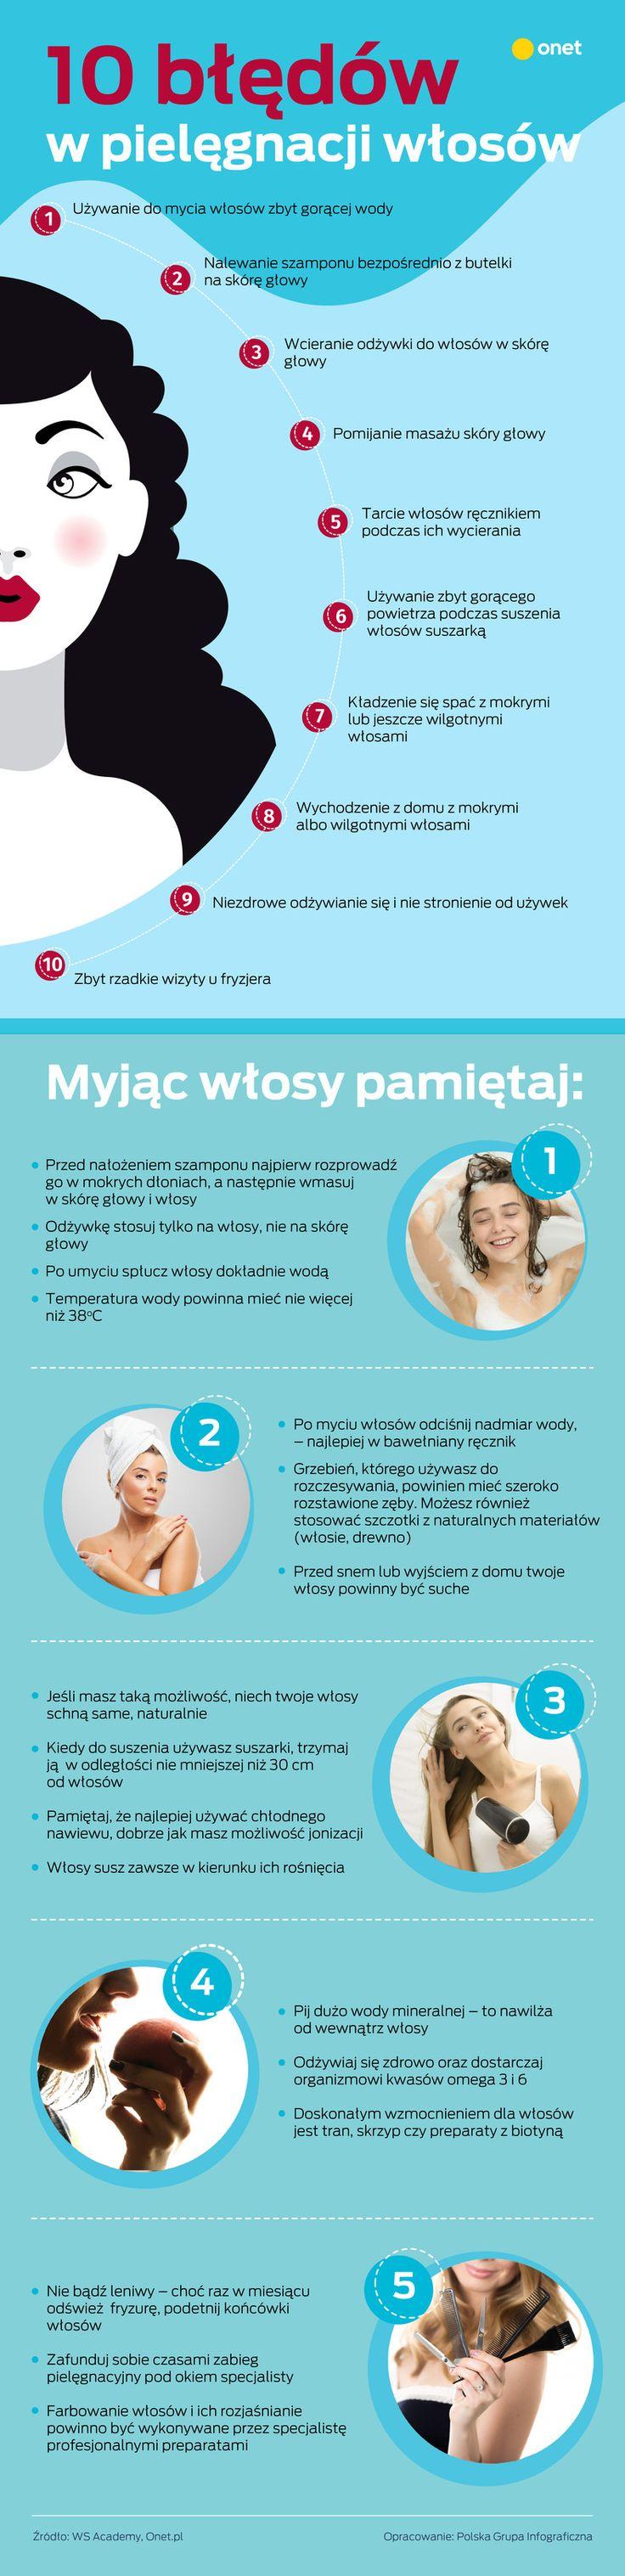 Pielęgnacja włosów - 10 najczęstszych błędów, które zapewne popełniasz - Uroda